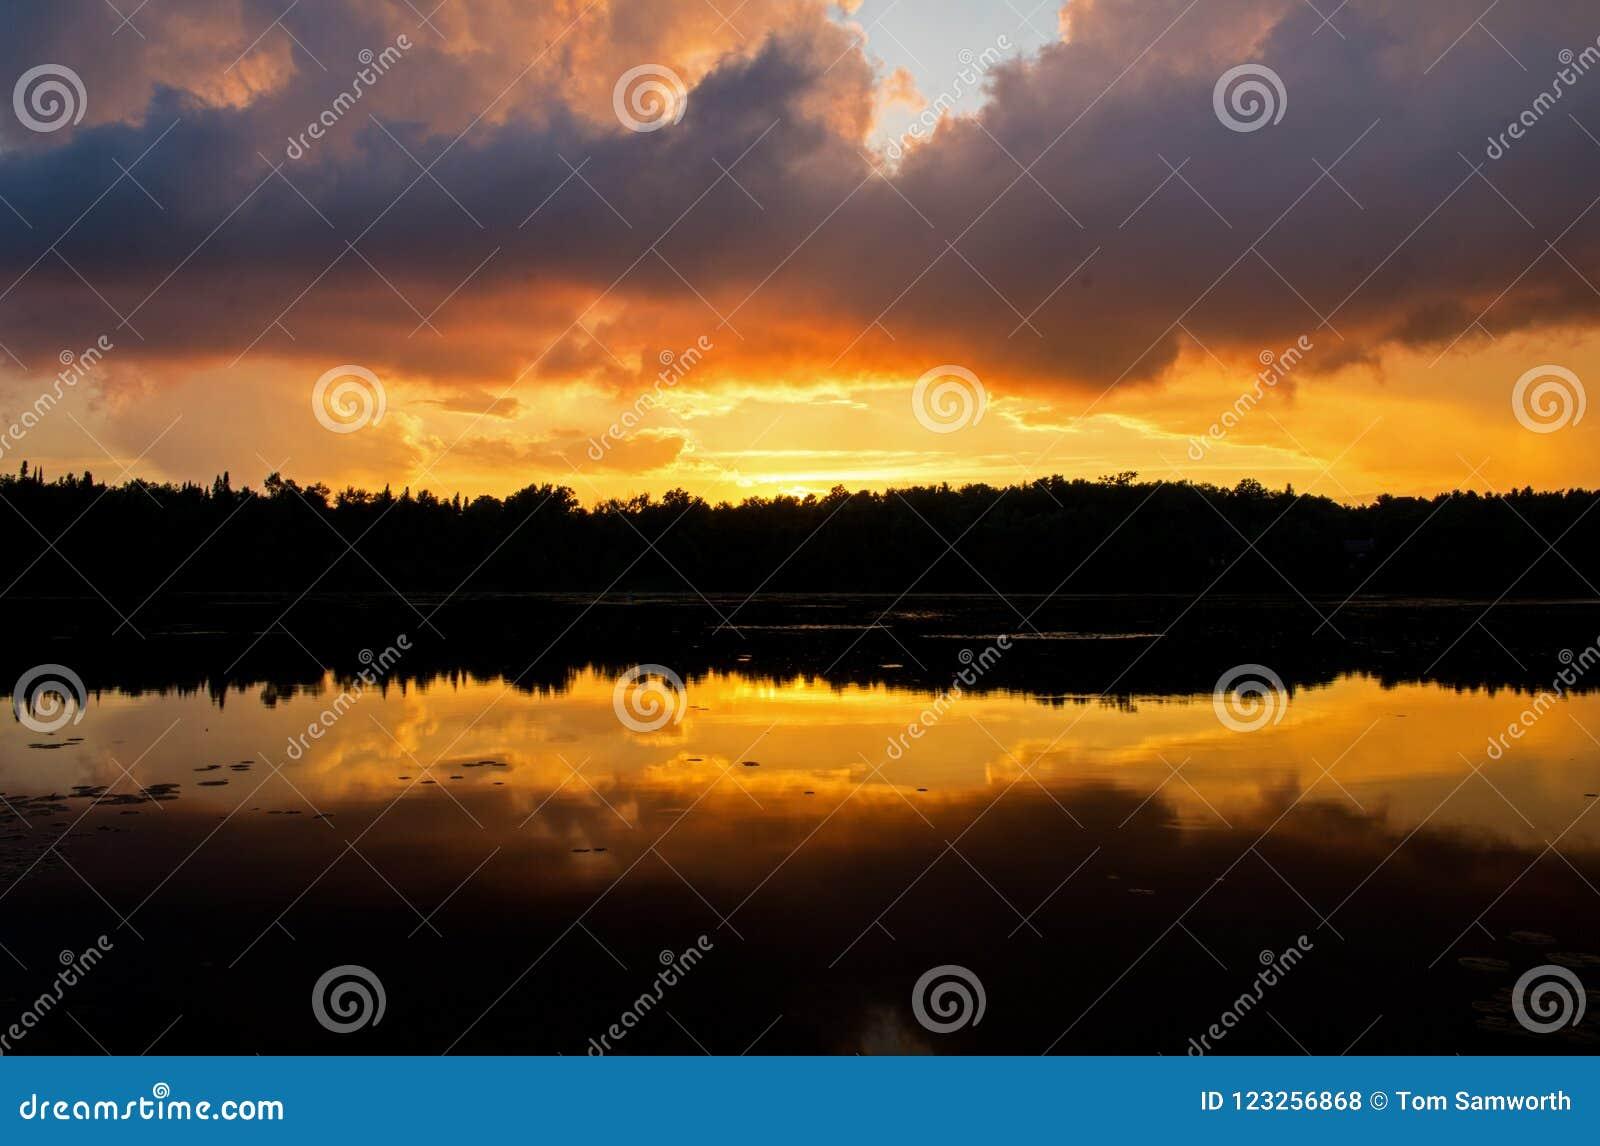 Sturm-Wolken-Mischung mit buntem Sonnenuntergang